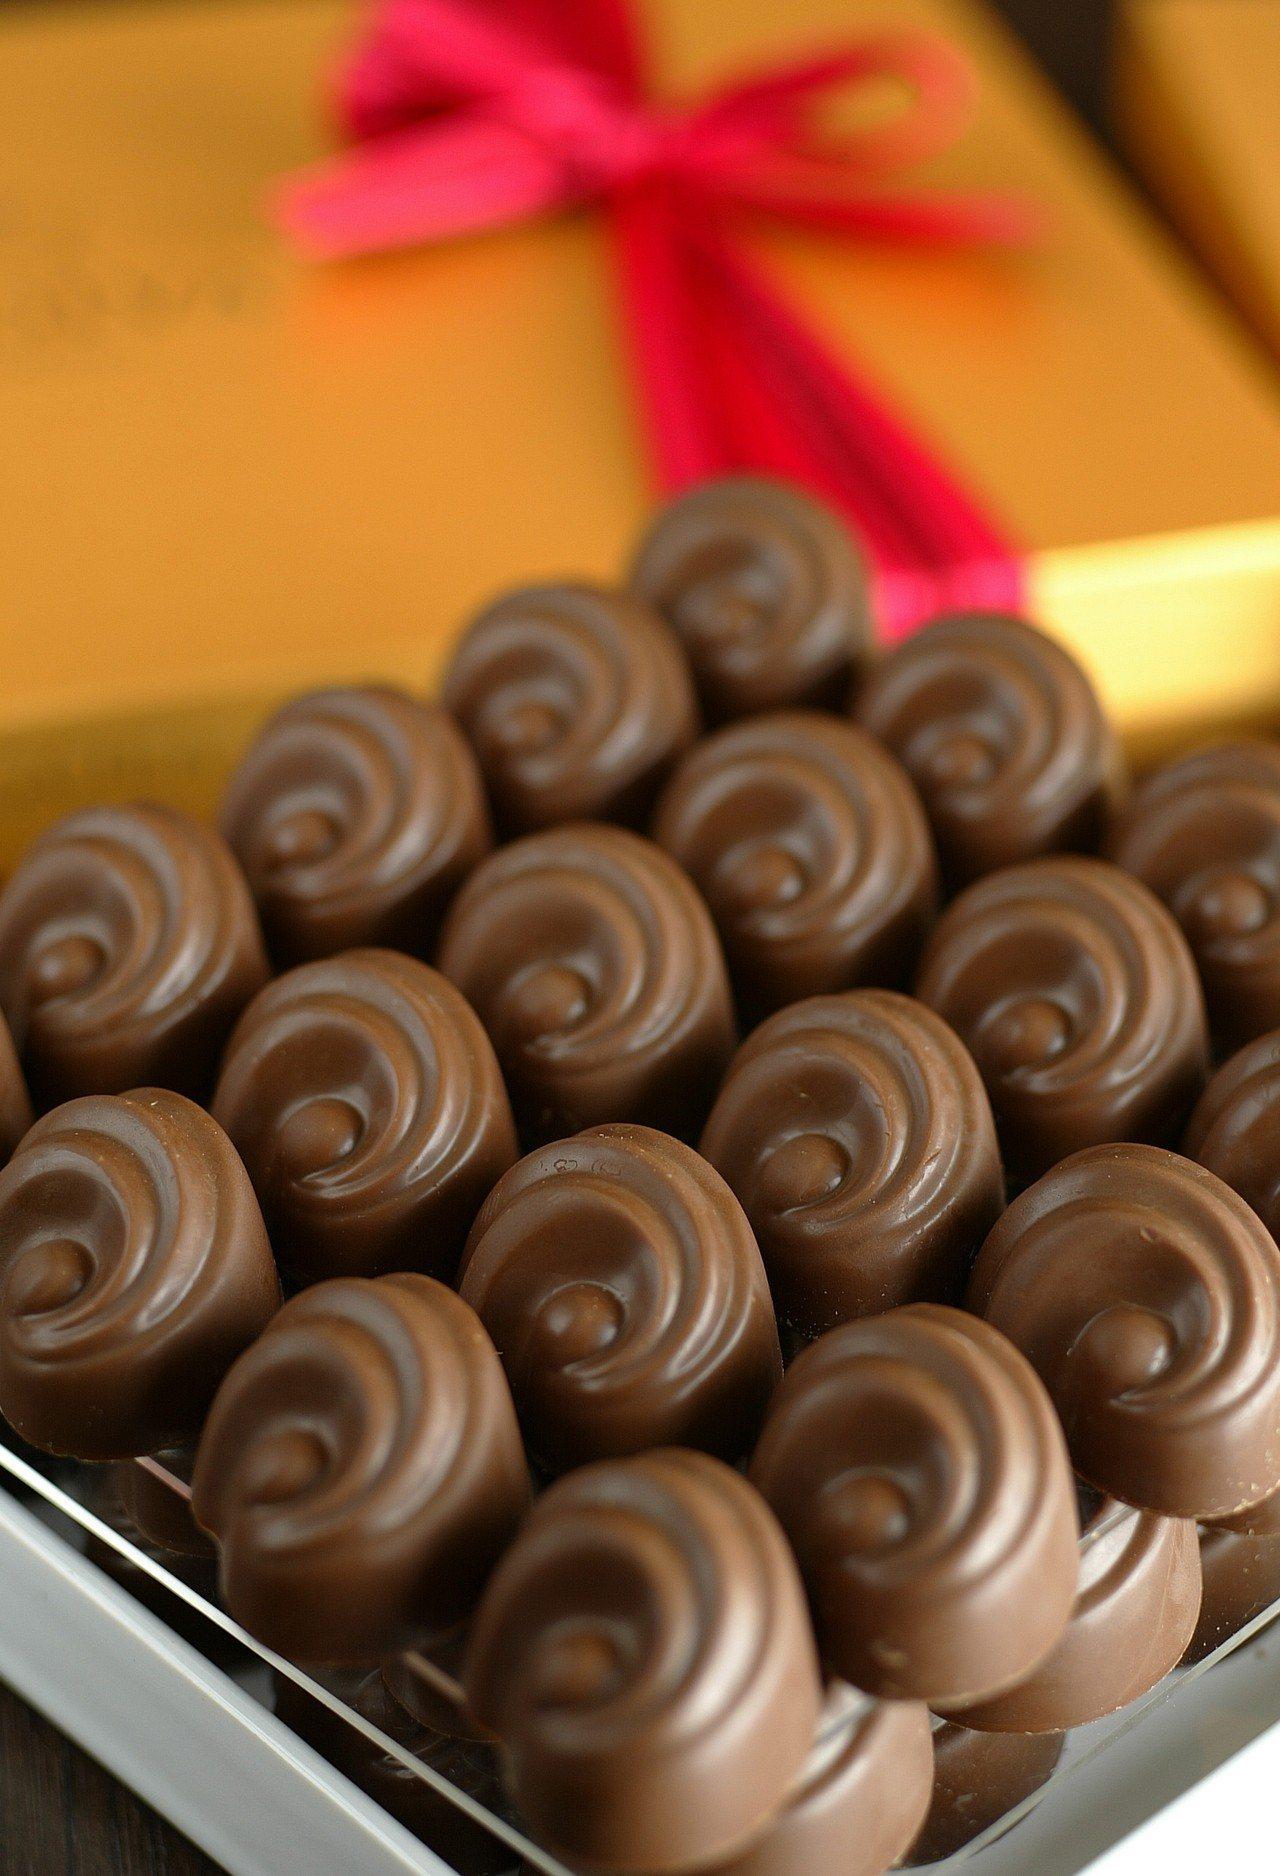 GODIVA巧克力。記者蘇健忠/攝影